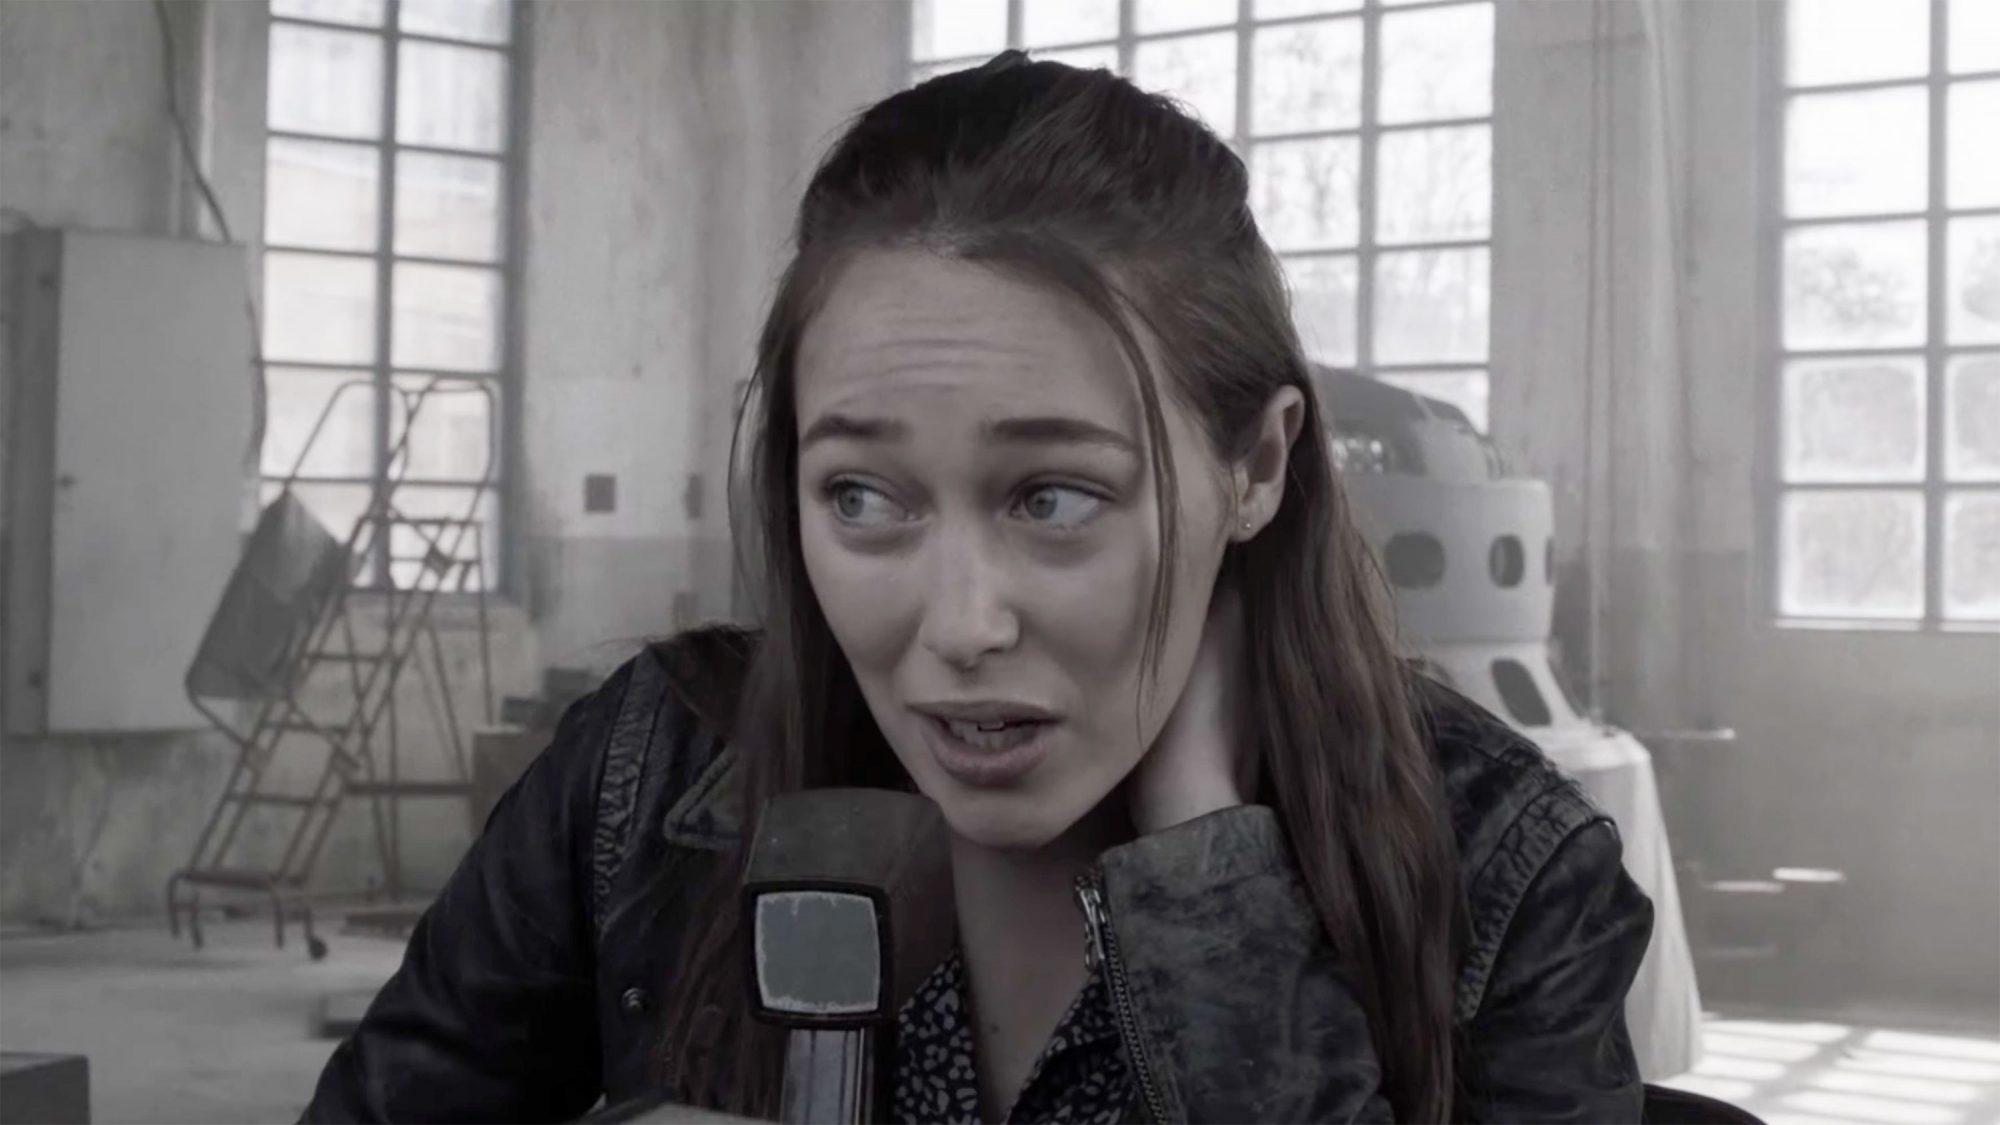 Fear the Walking Dead screen grab